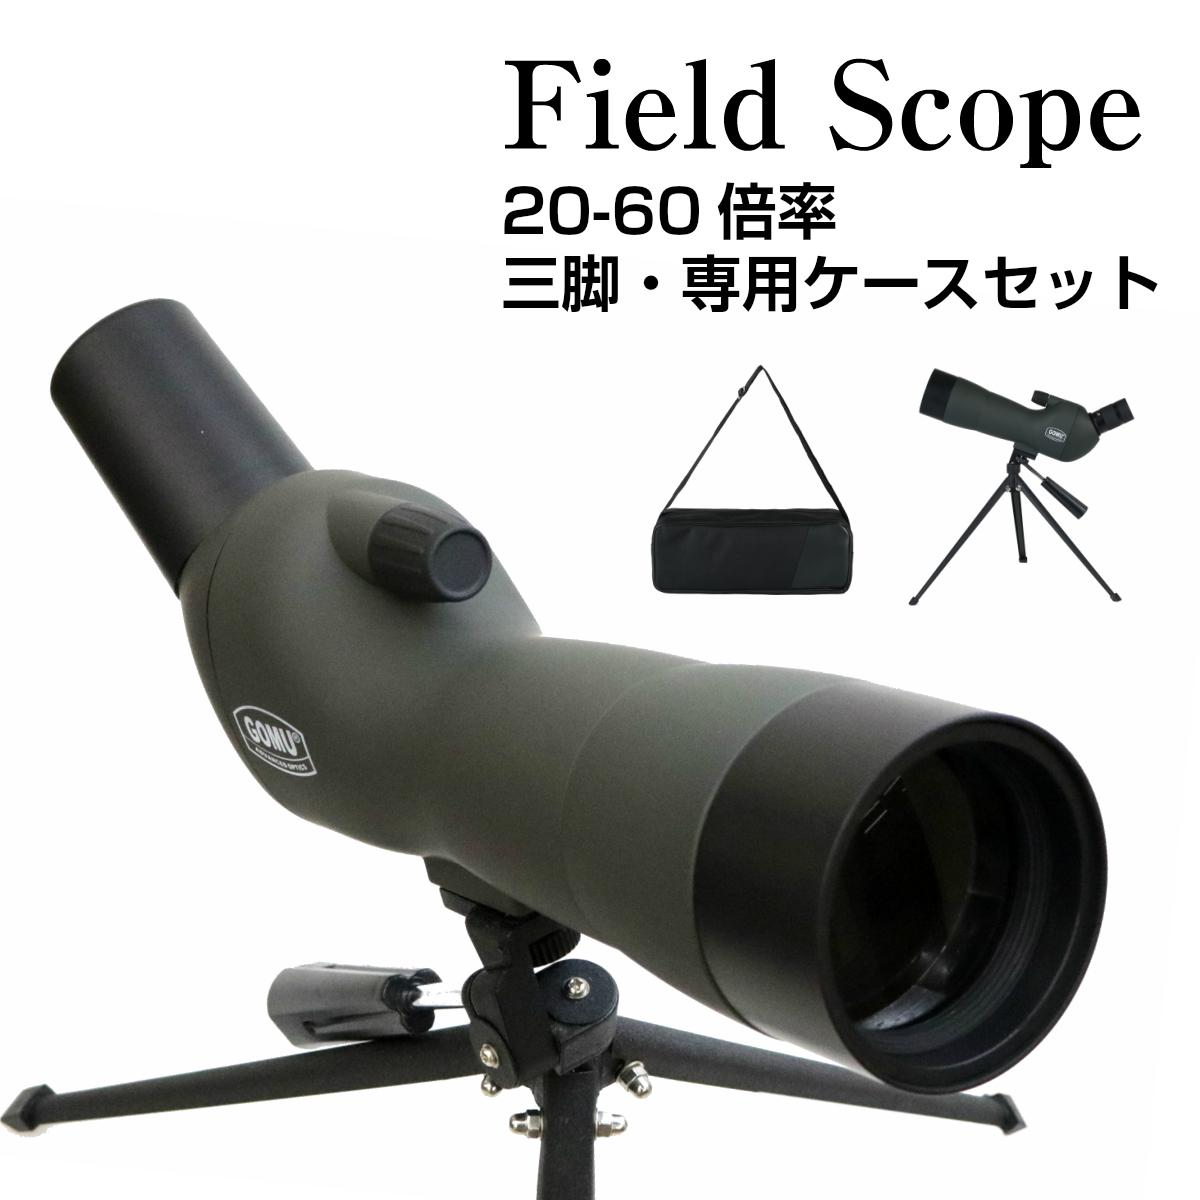 【 送料無料 】 20-60倍 フィールドスコープ スポッティングスコープ 単眼鏡 遠望 望遠鏡 野鳥観測 野鳥観察 バードウォッチング スコープ デジスコ アーチェリー スコープ サバゲー スナイパー